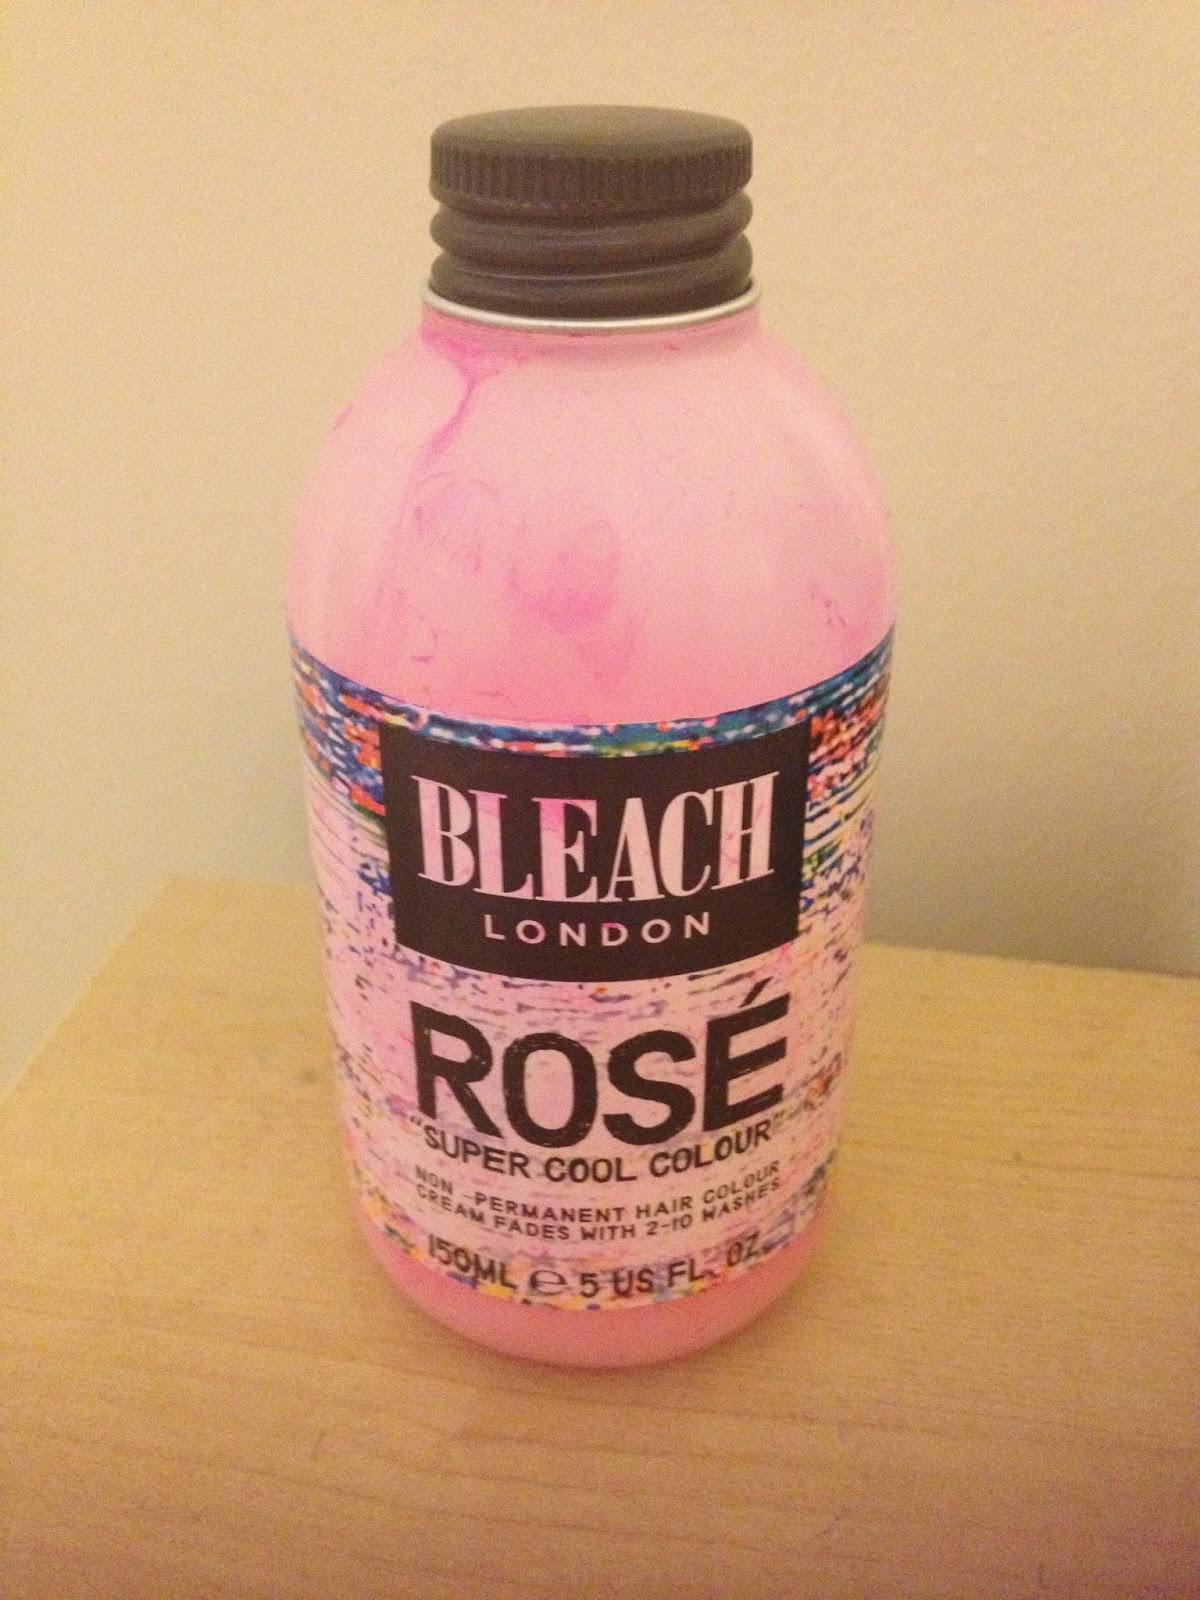 Bleach London Hair Dye